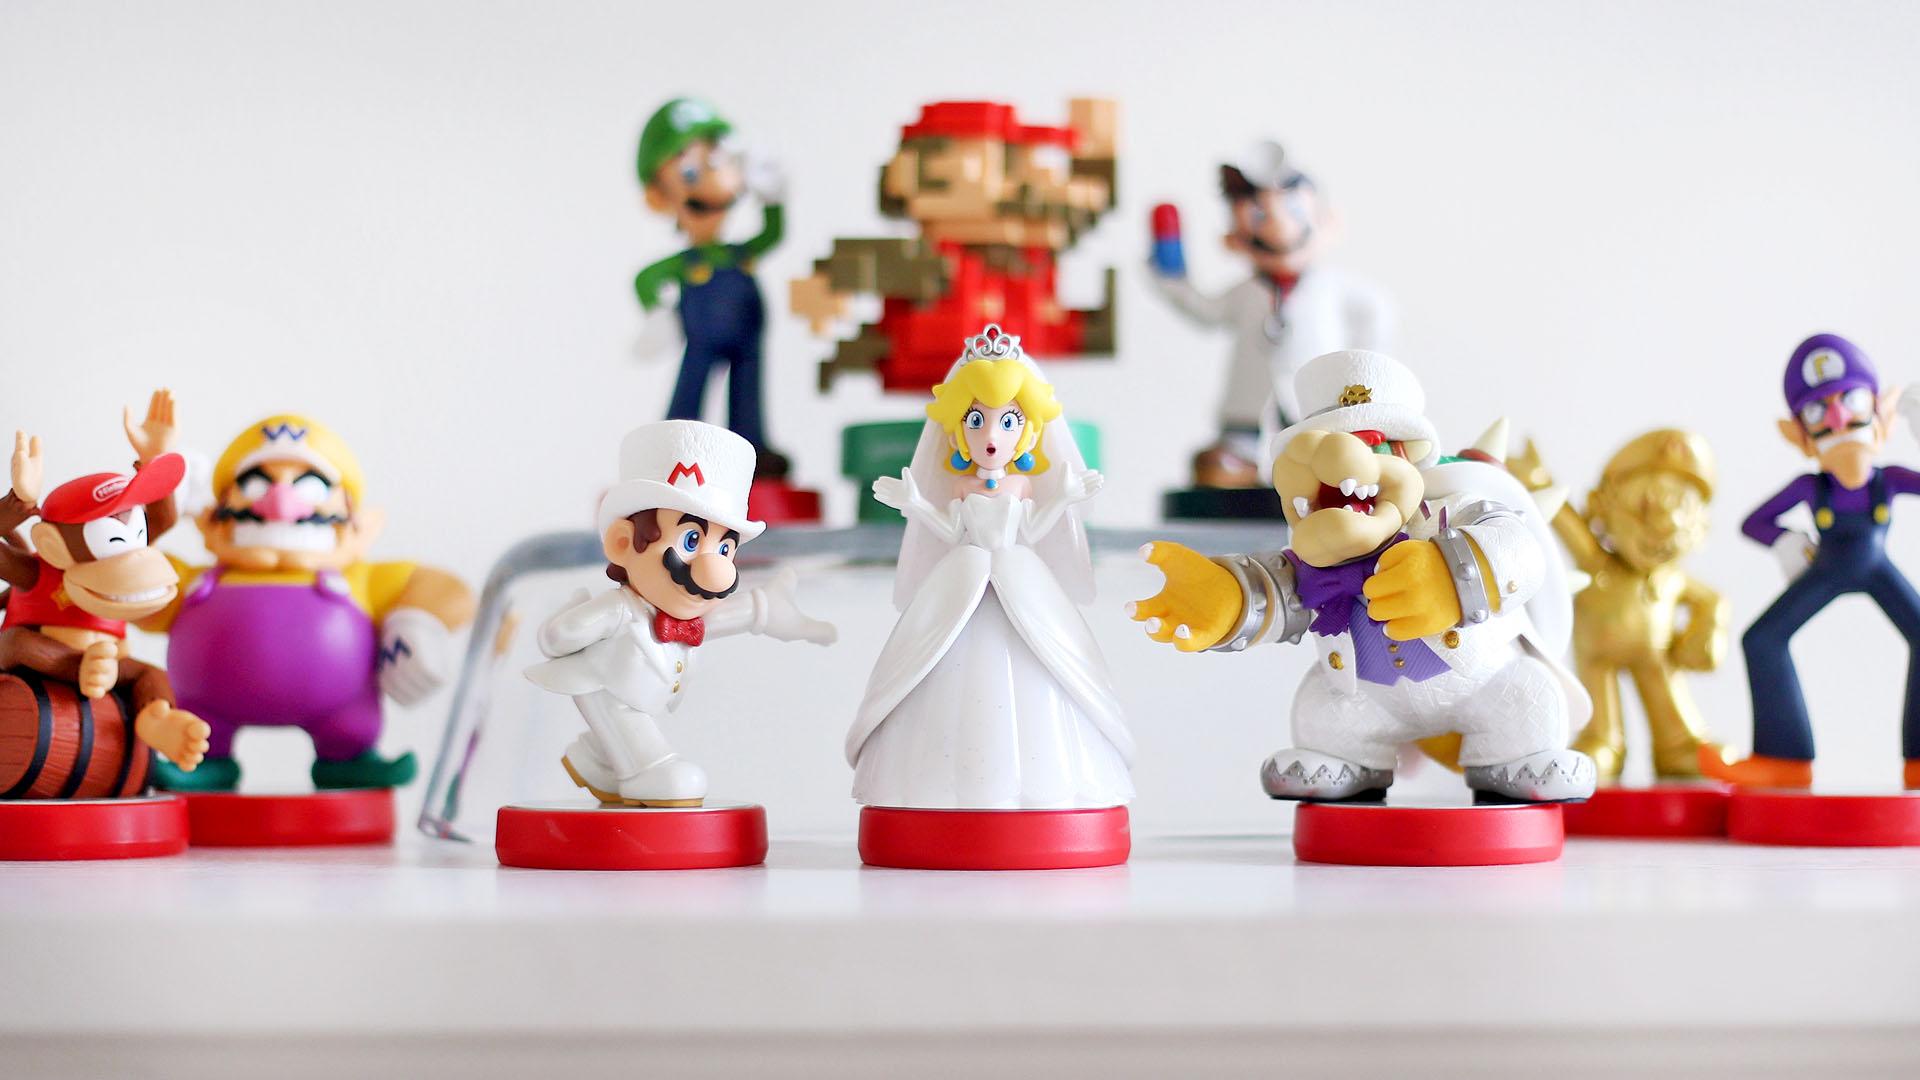 Guide Unlock All Super Mario Odyssey Amiibo Costumes